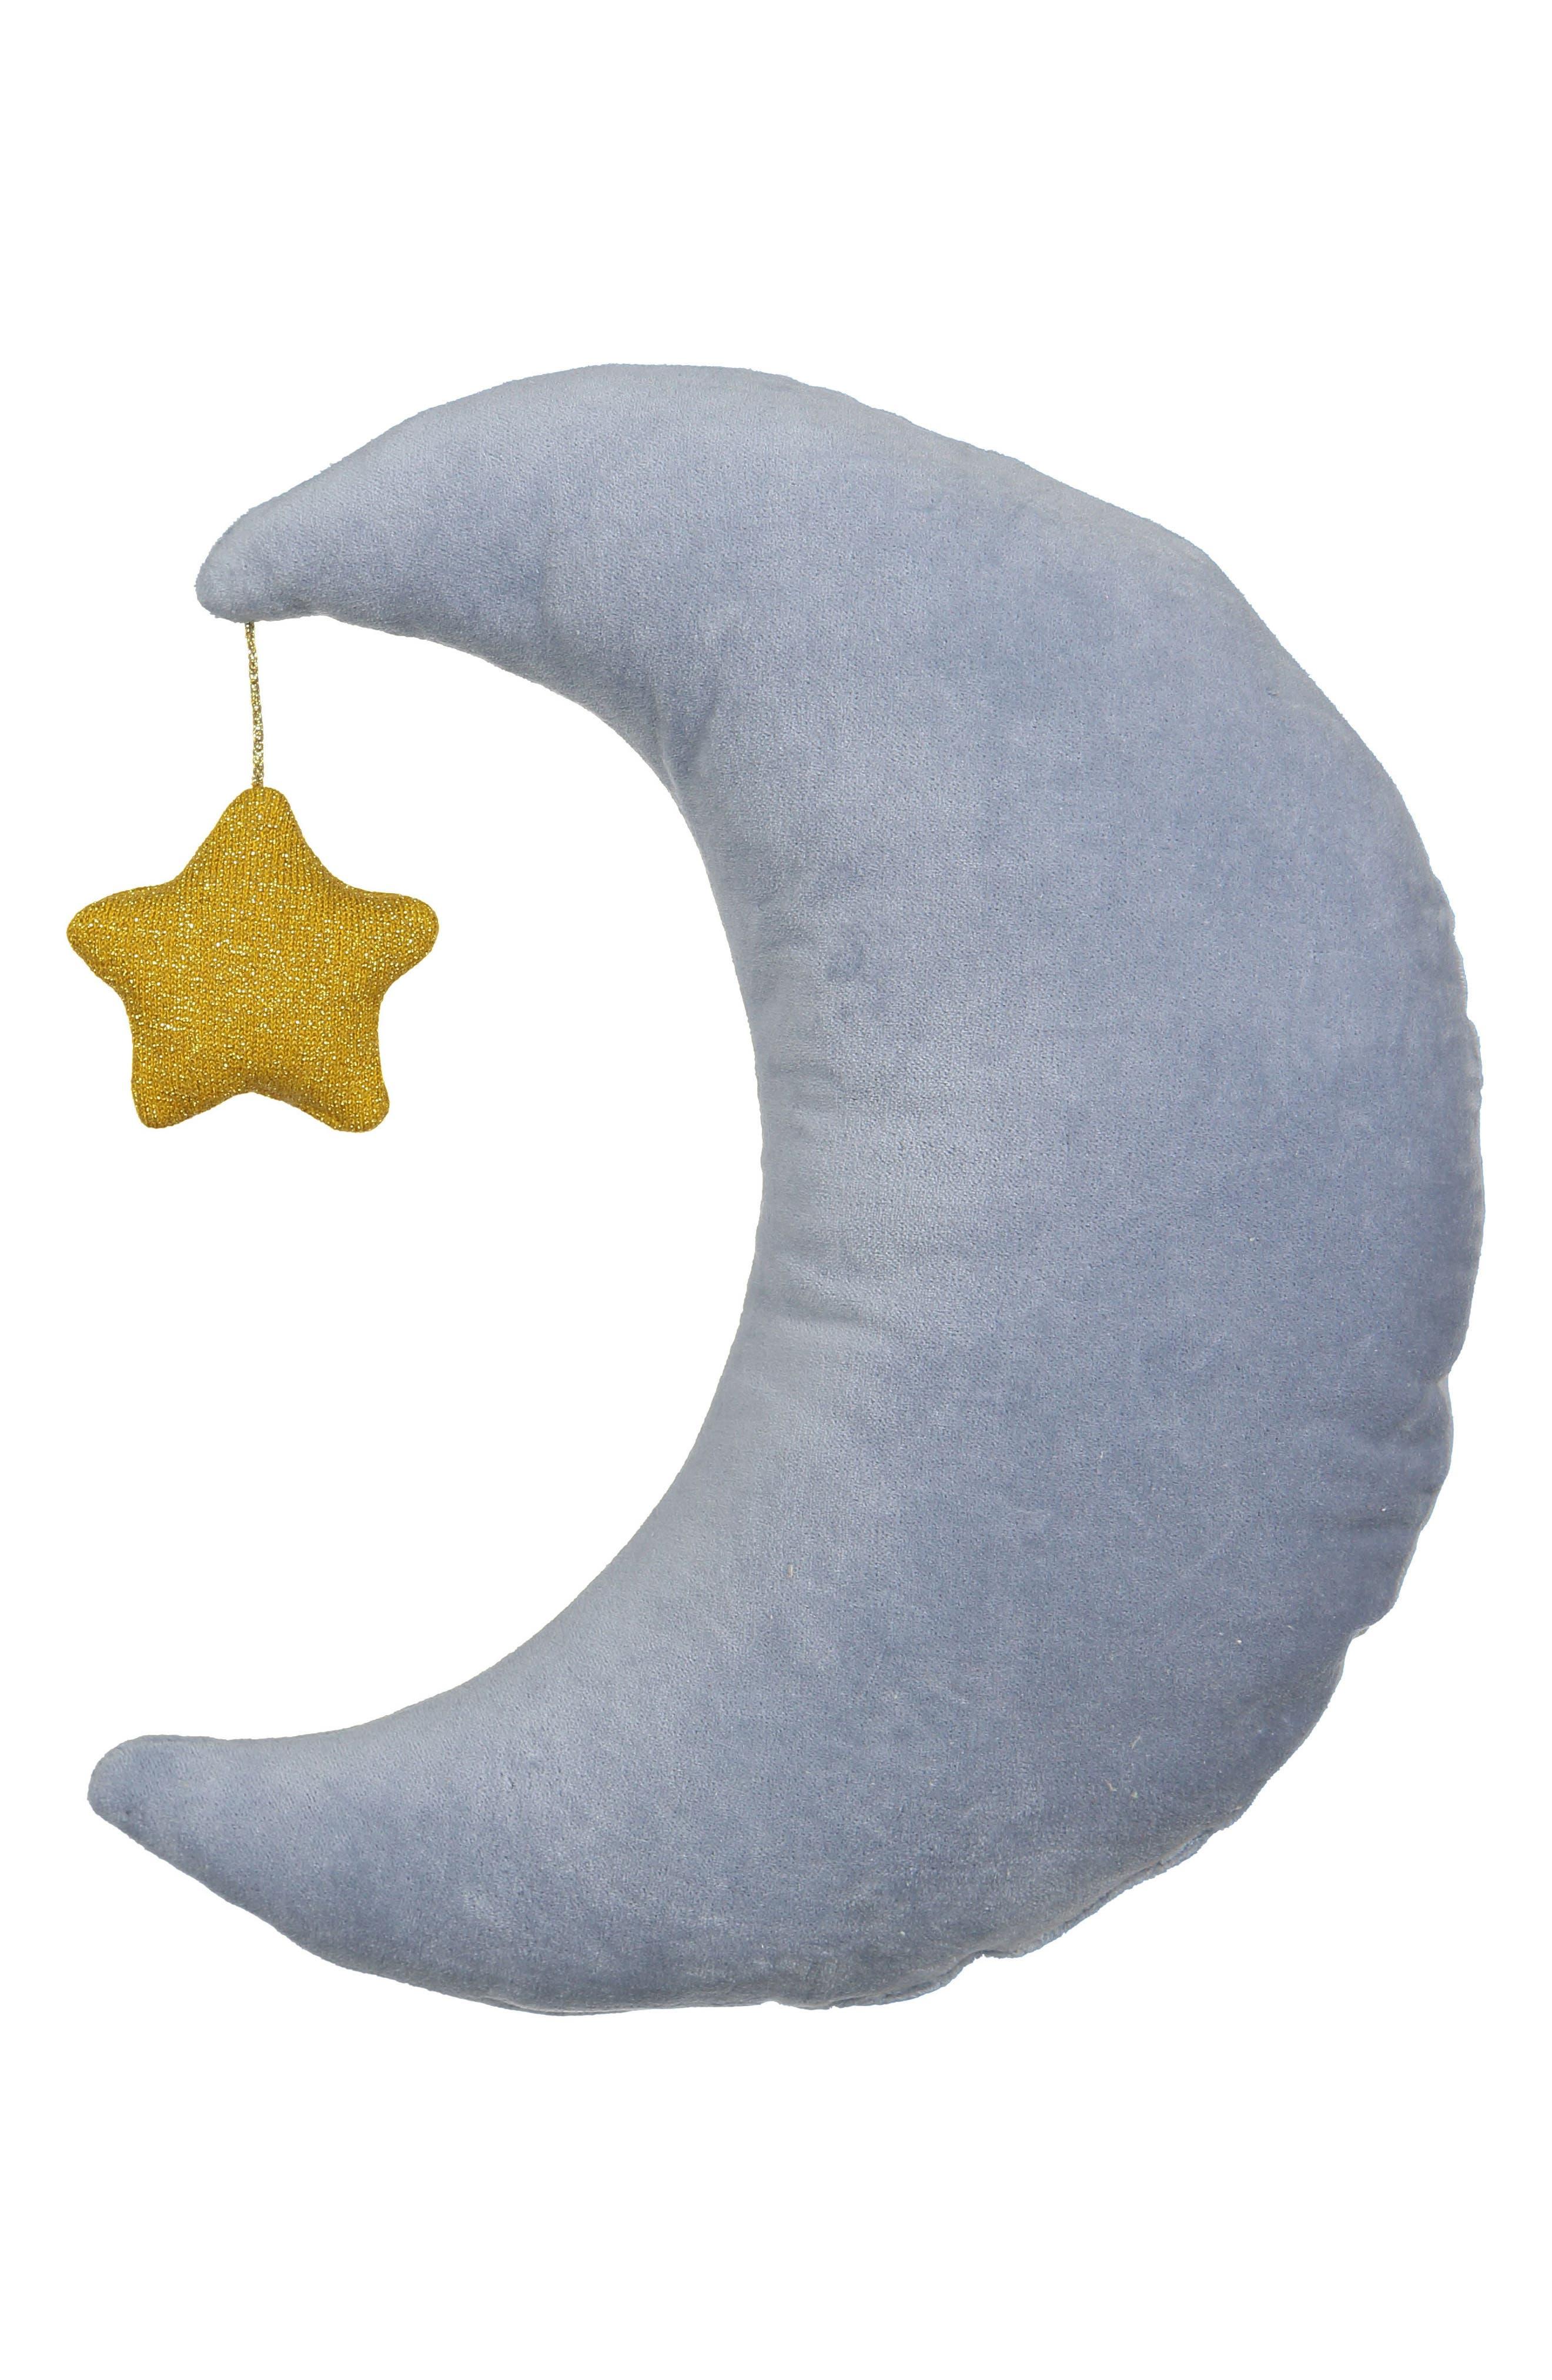 Meri Meri Velvet Moon Pillow